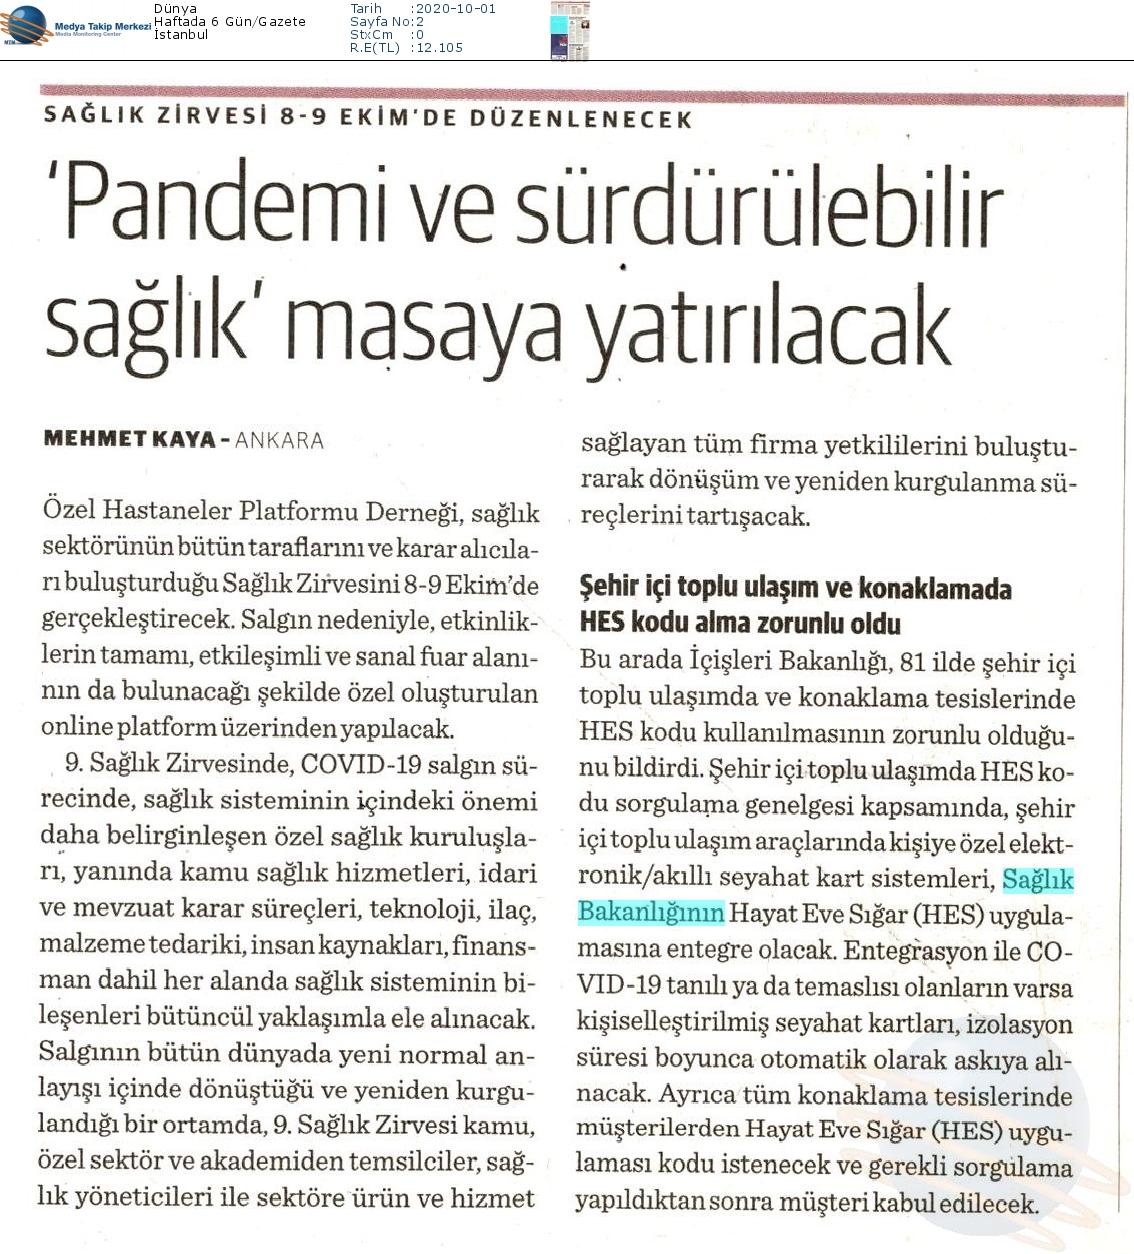 Dunya-_PANDEMI_VE_SURDURULEBILIR_SAGLIK_MASAYA_YATIRILACAK-01.10.2020